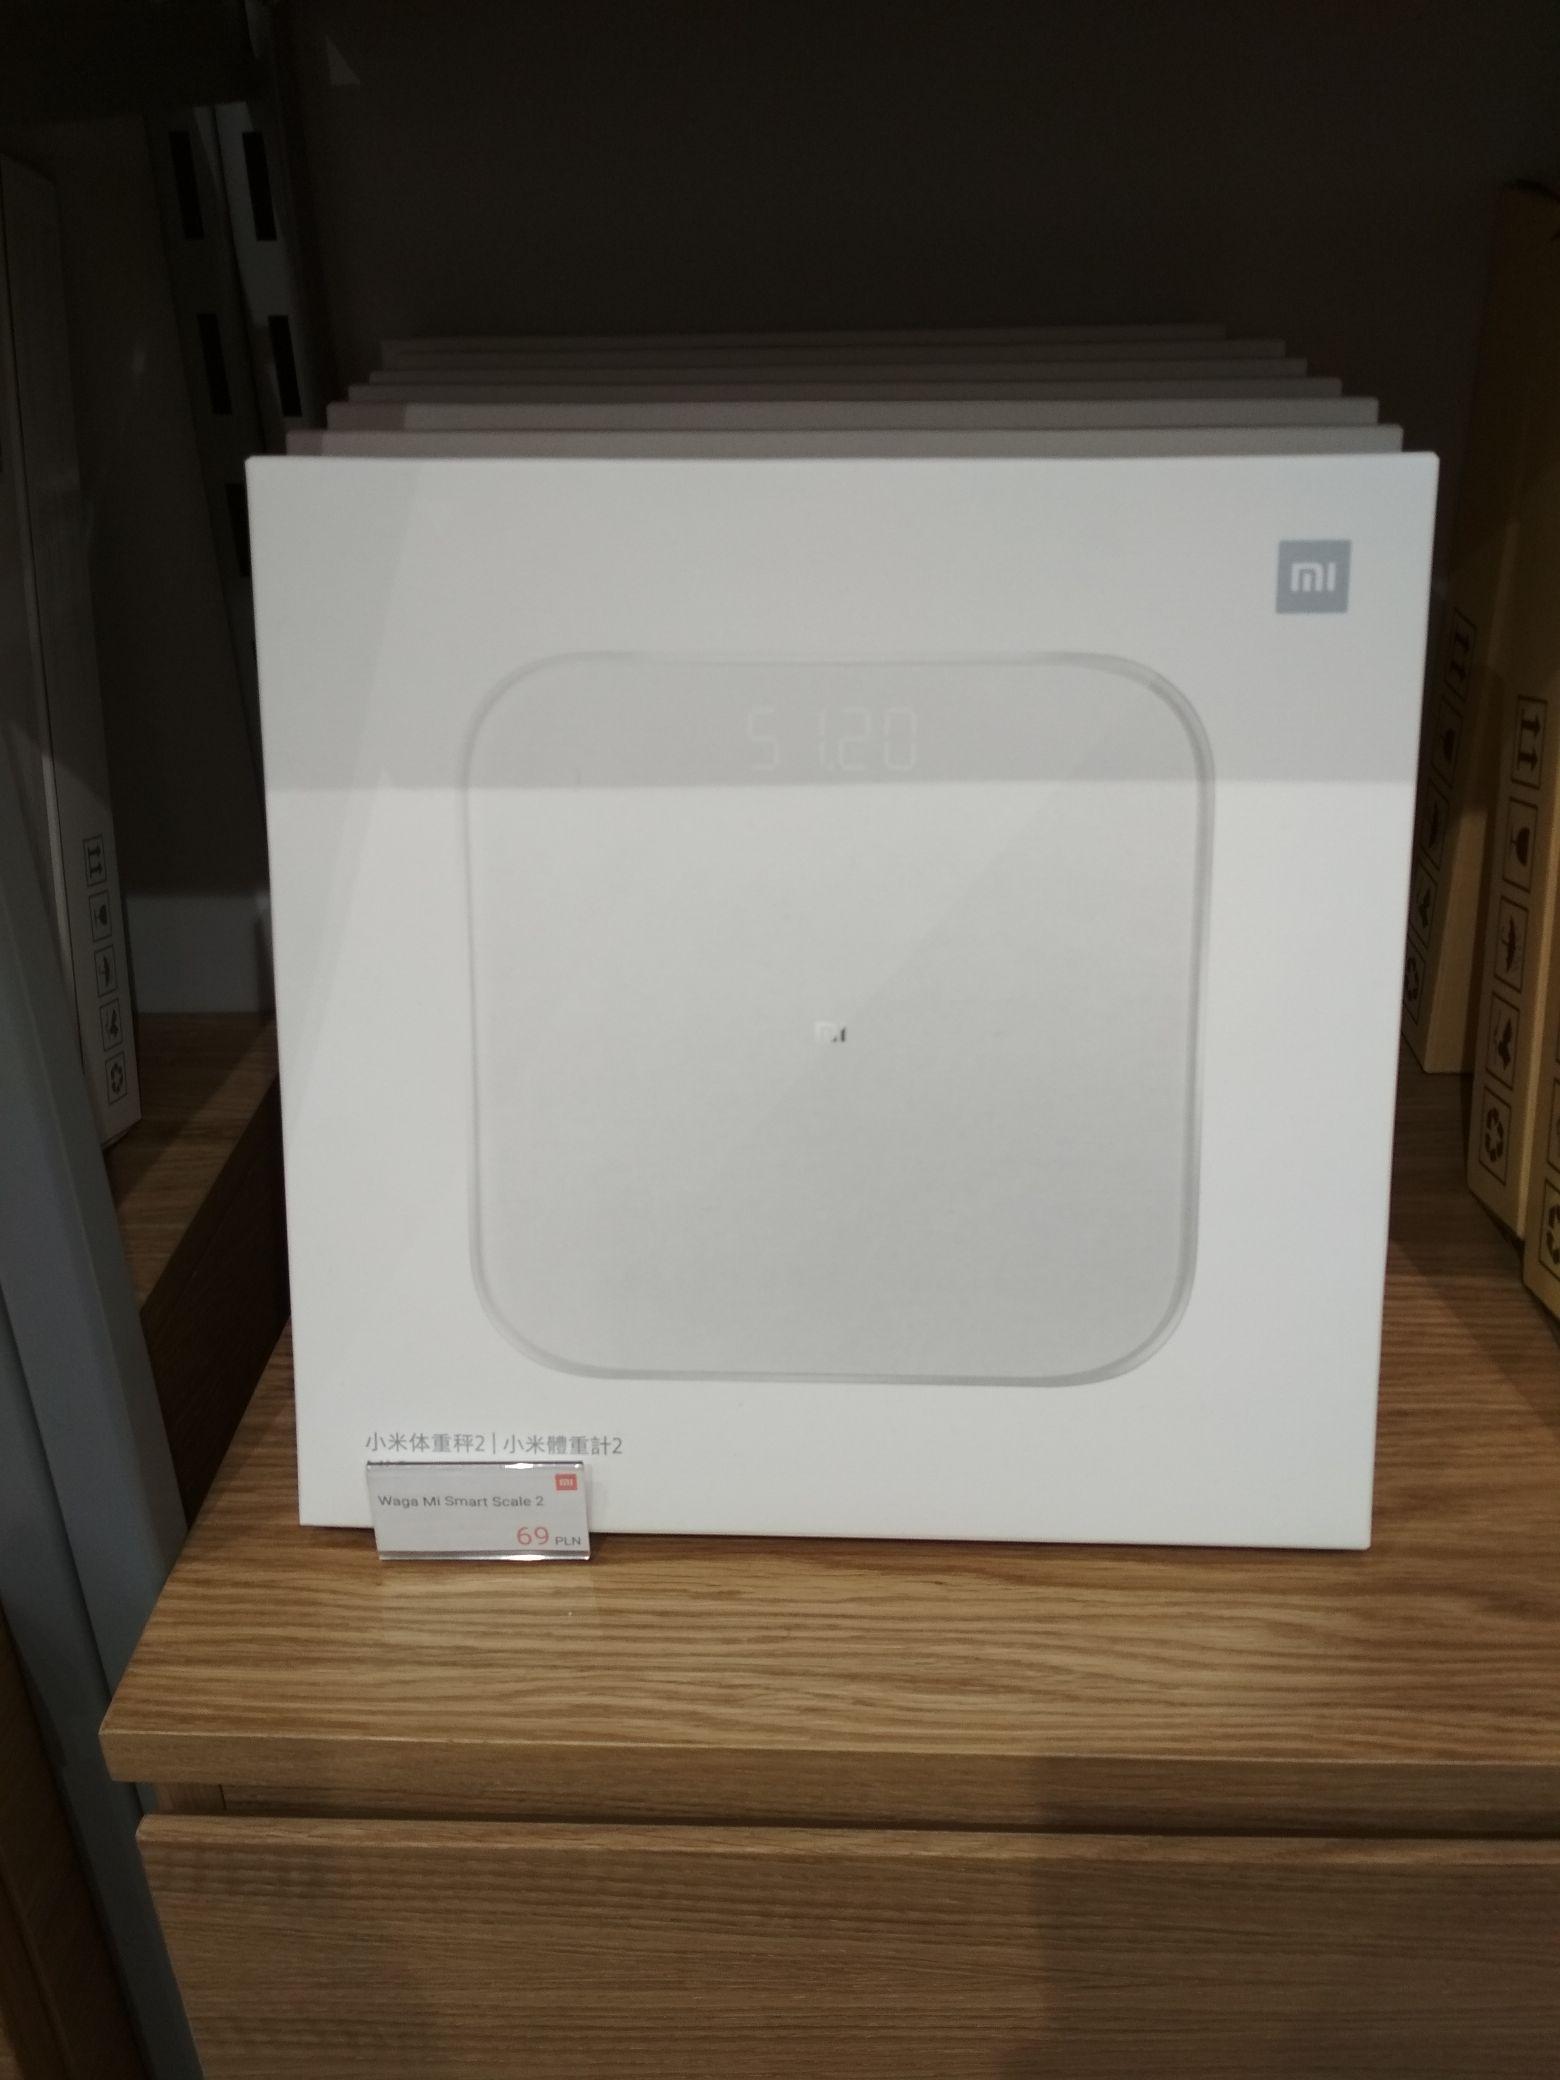 Waga łazienkowa Mi Smart Scale 2 Xiaomi - Mi-Store